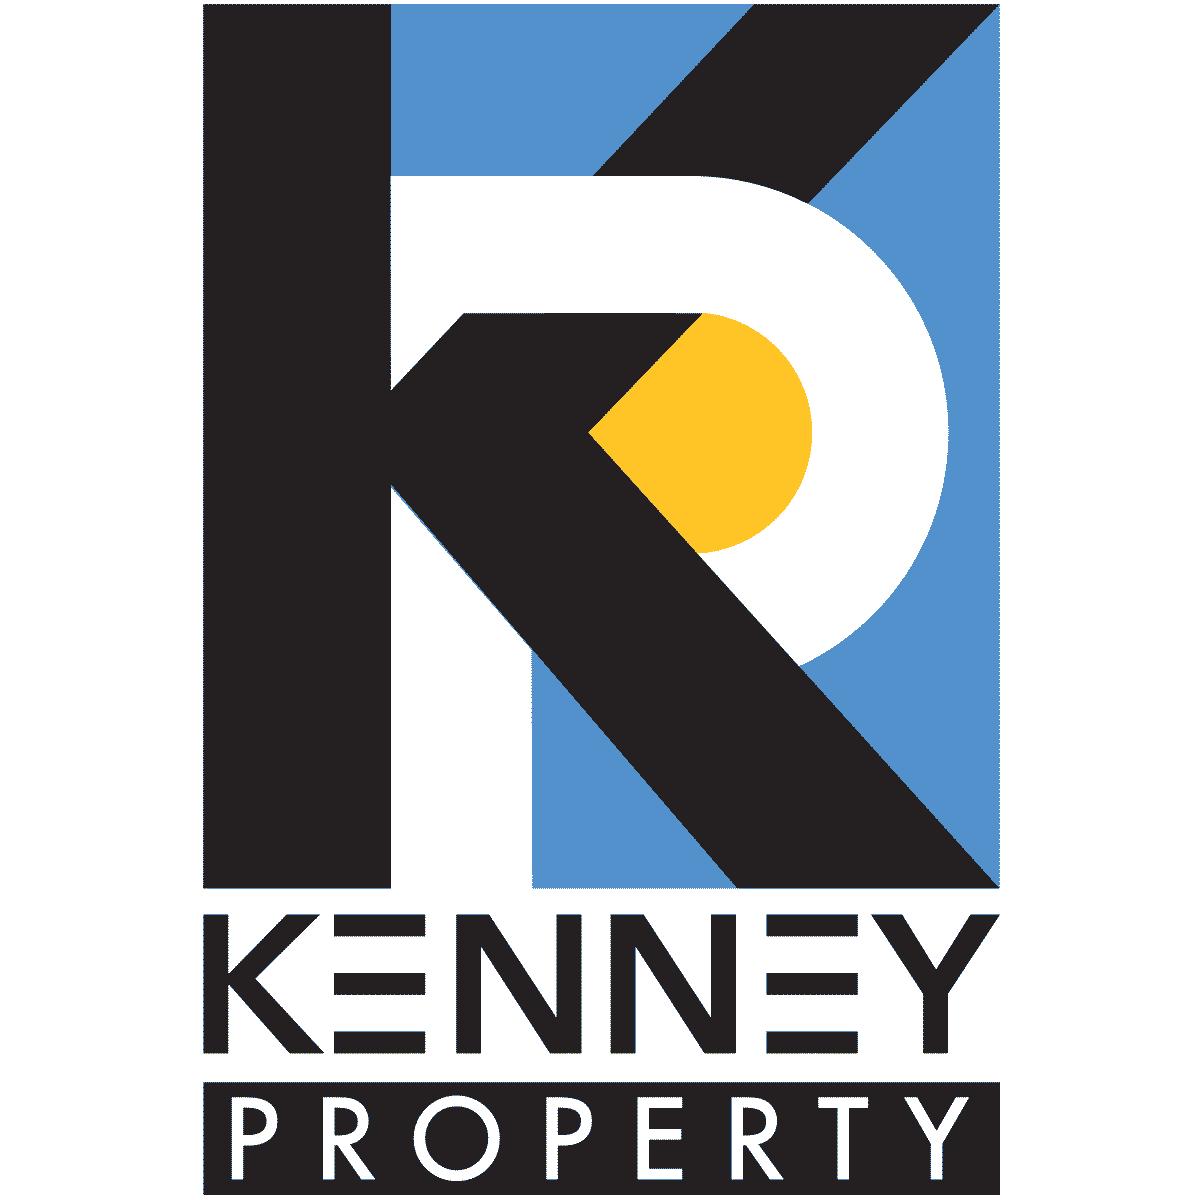 kenney property